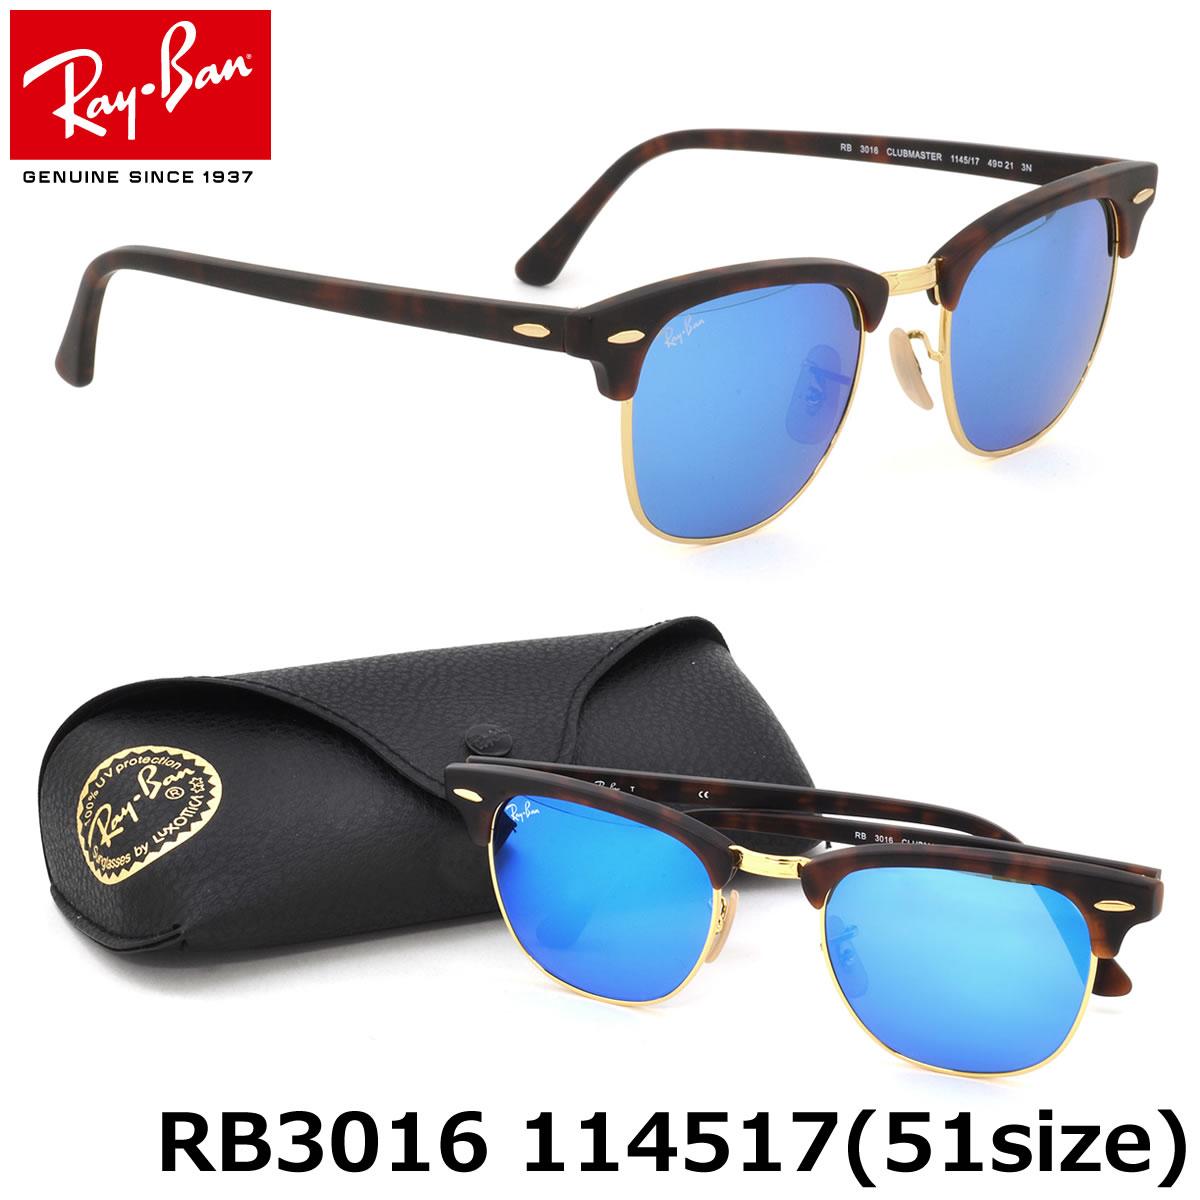 レイバン サングラス RB3016 114517 51サイズ